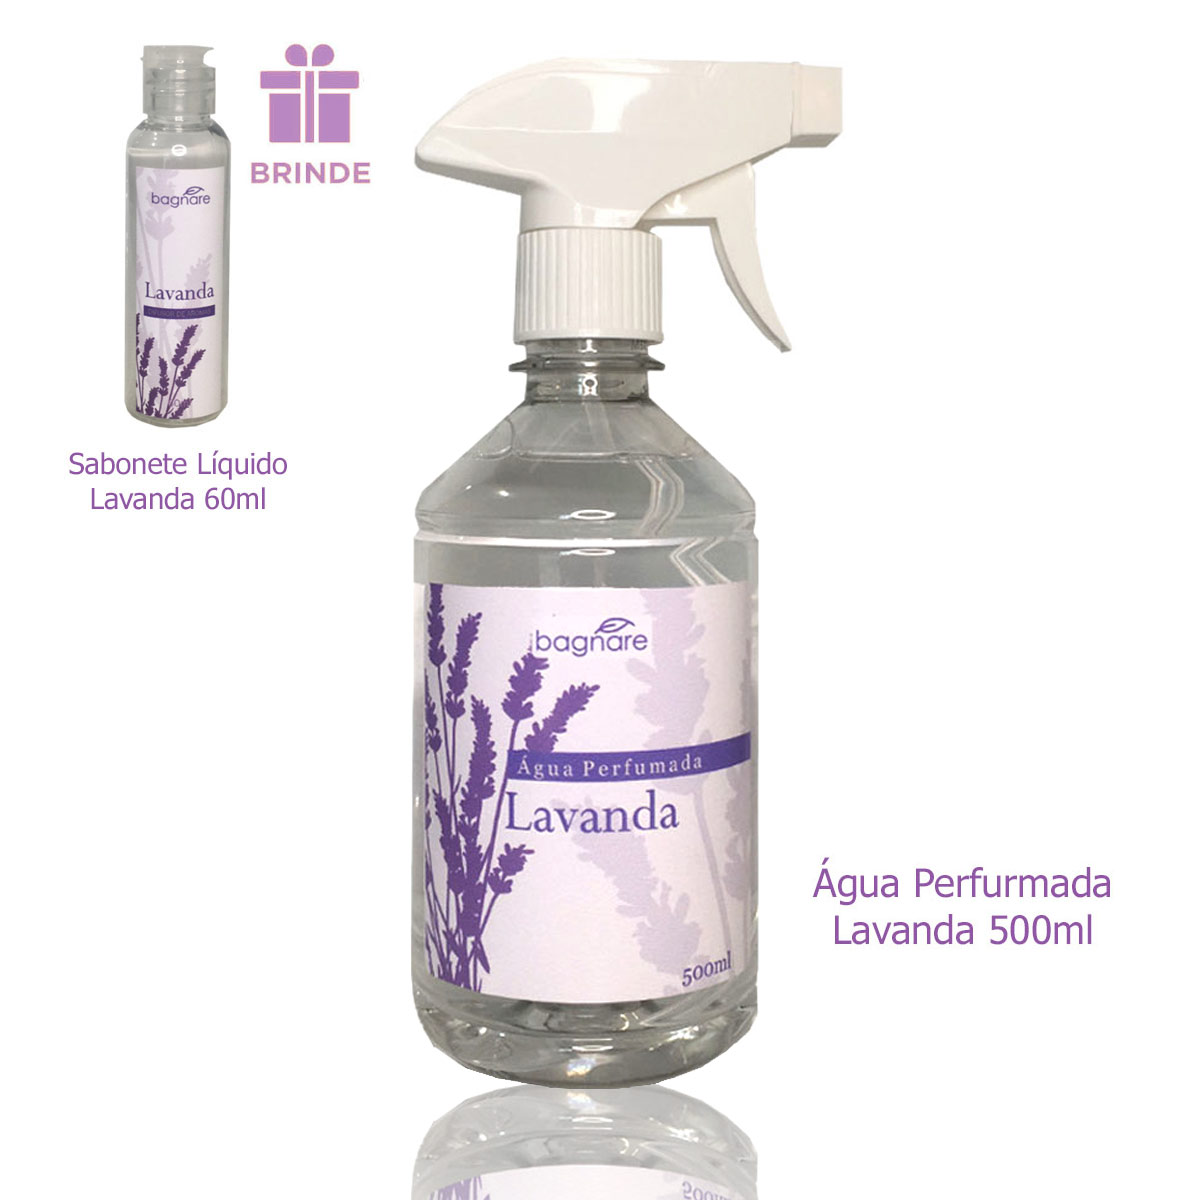 Água Perfumada Para Tecidos Lavanda 500ml + Brinde Sabonete Líquido Lavanda